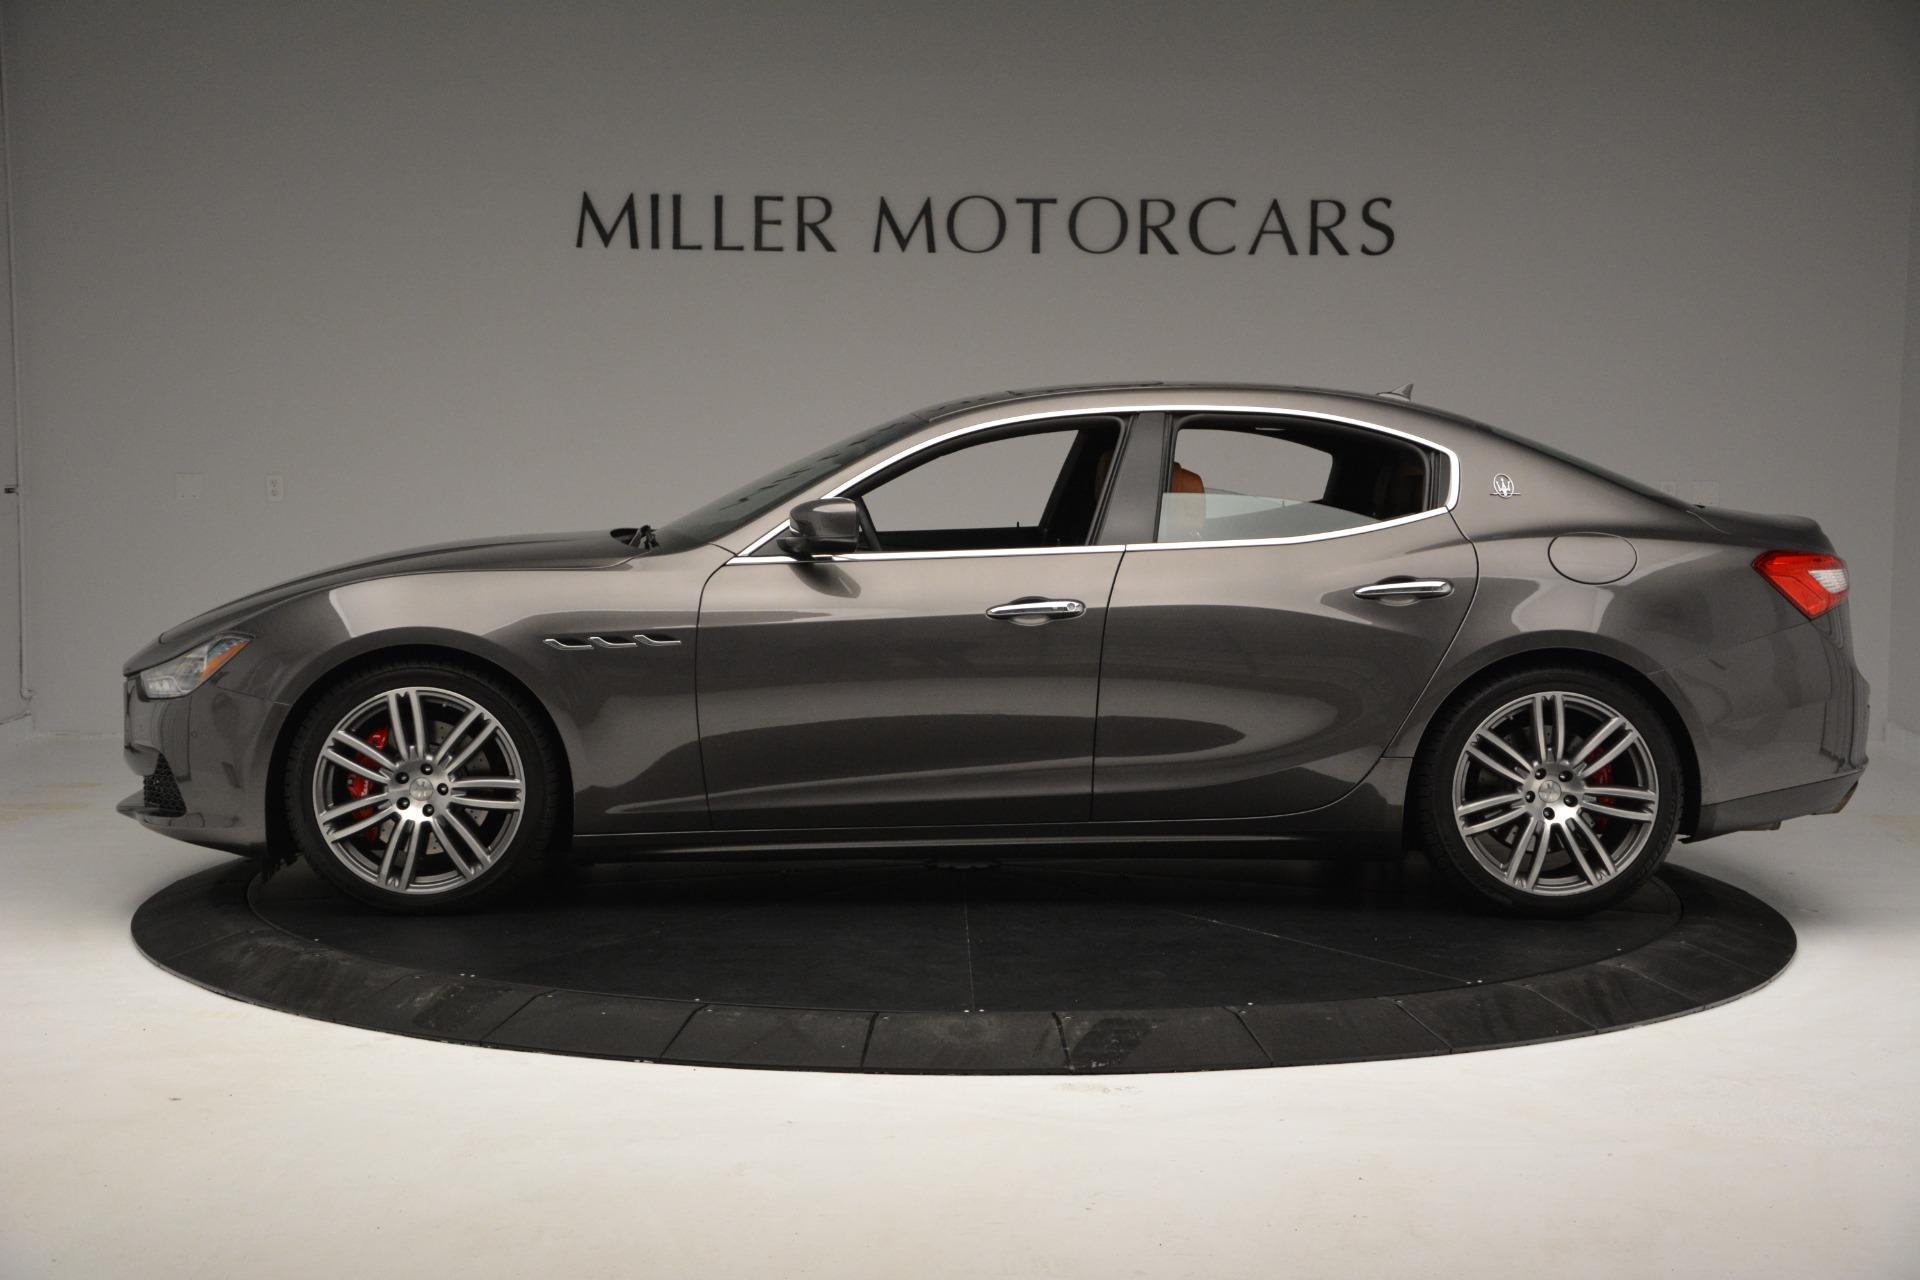 New 2018 Maserati Ghibli S Q4 For Sale In Greenwich, CT 1812_p4